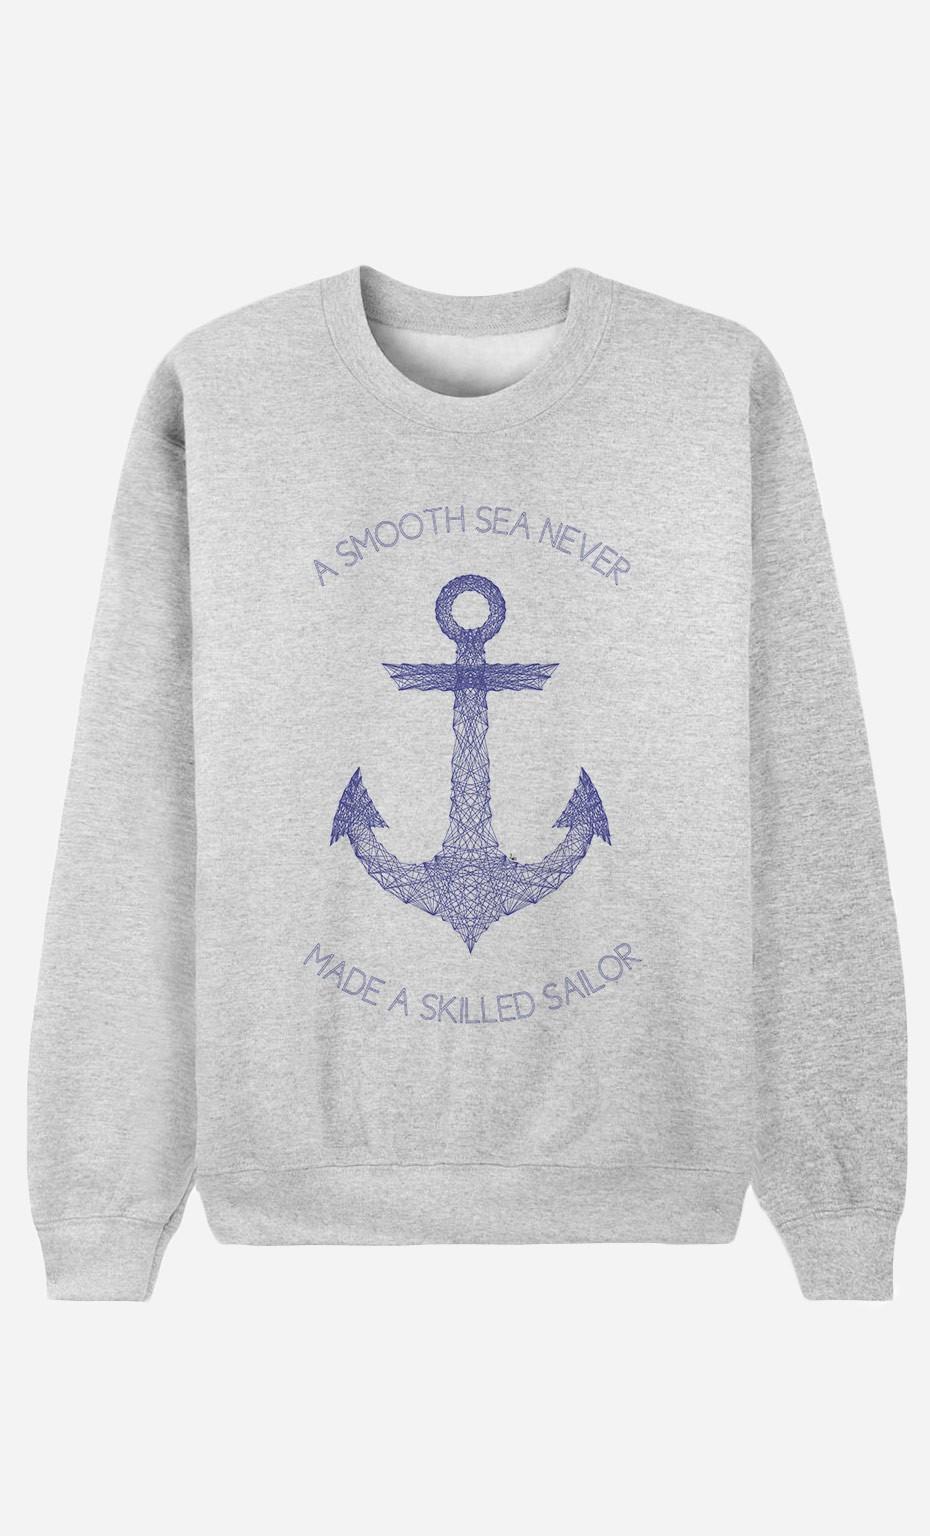 Sweatshirt Smooth Sea